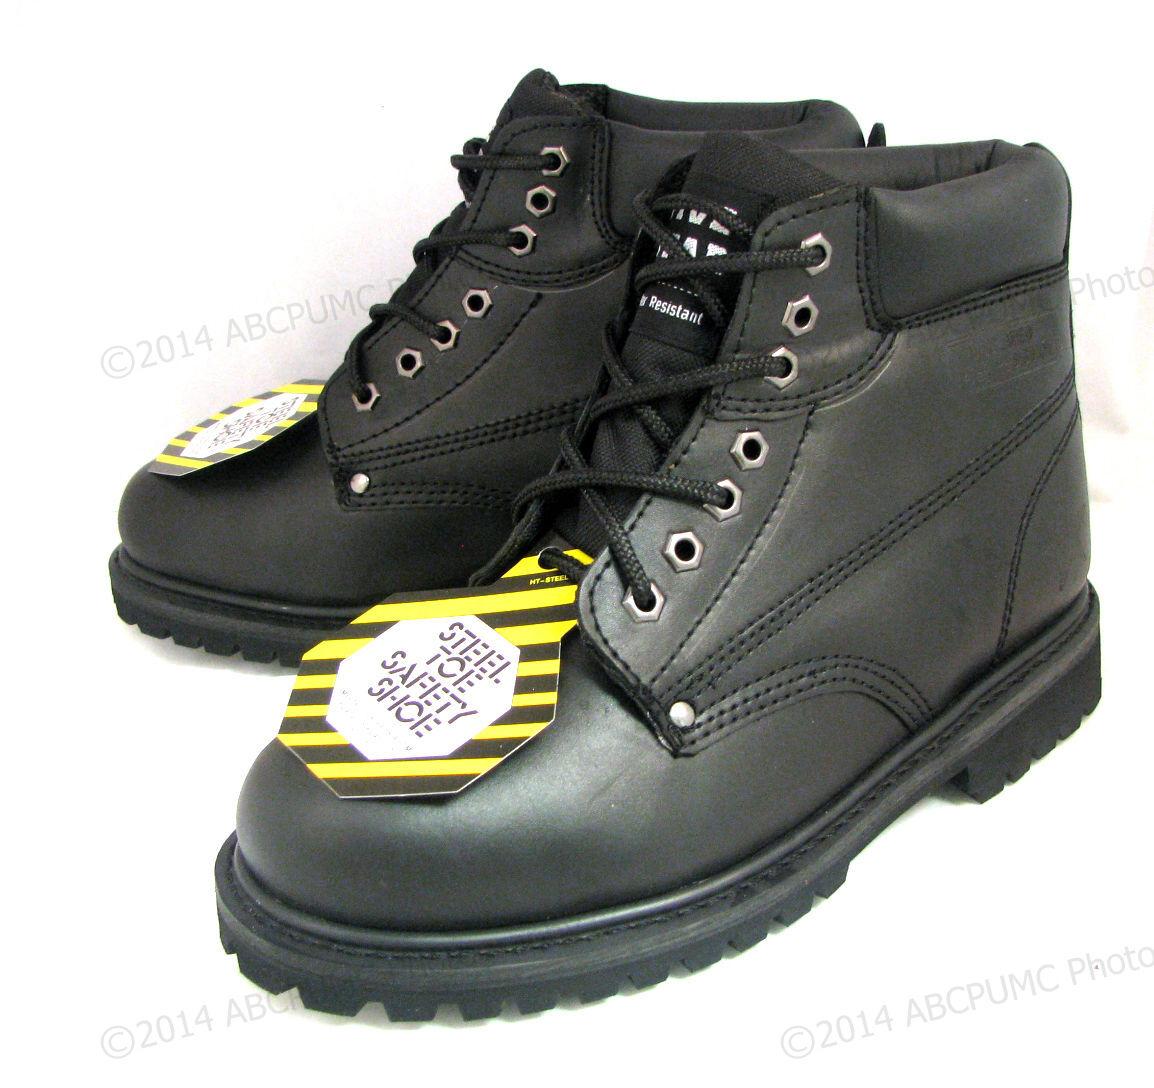 New Men's Steel Toe Work Oil Boots 6